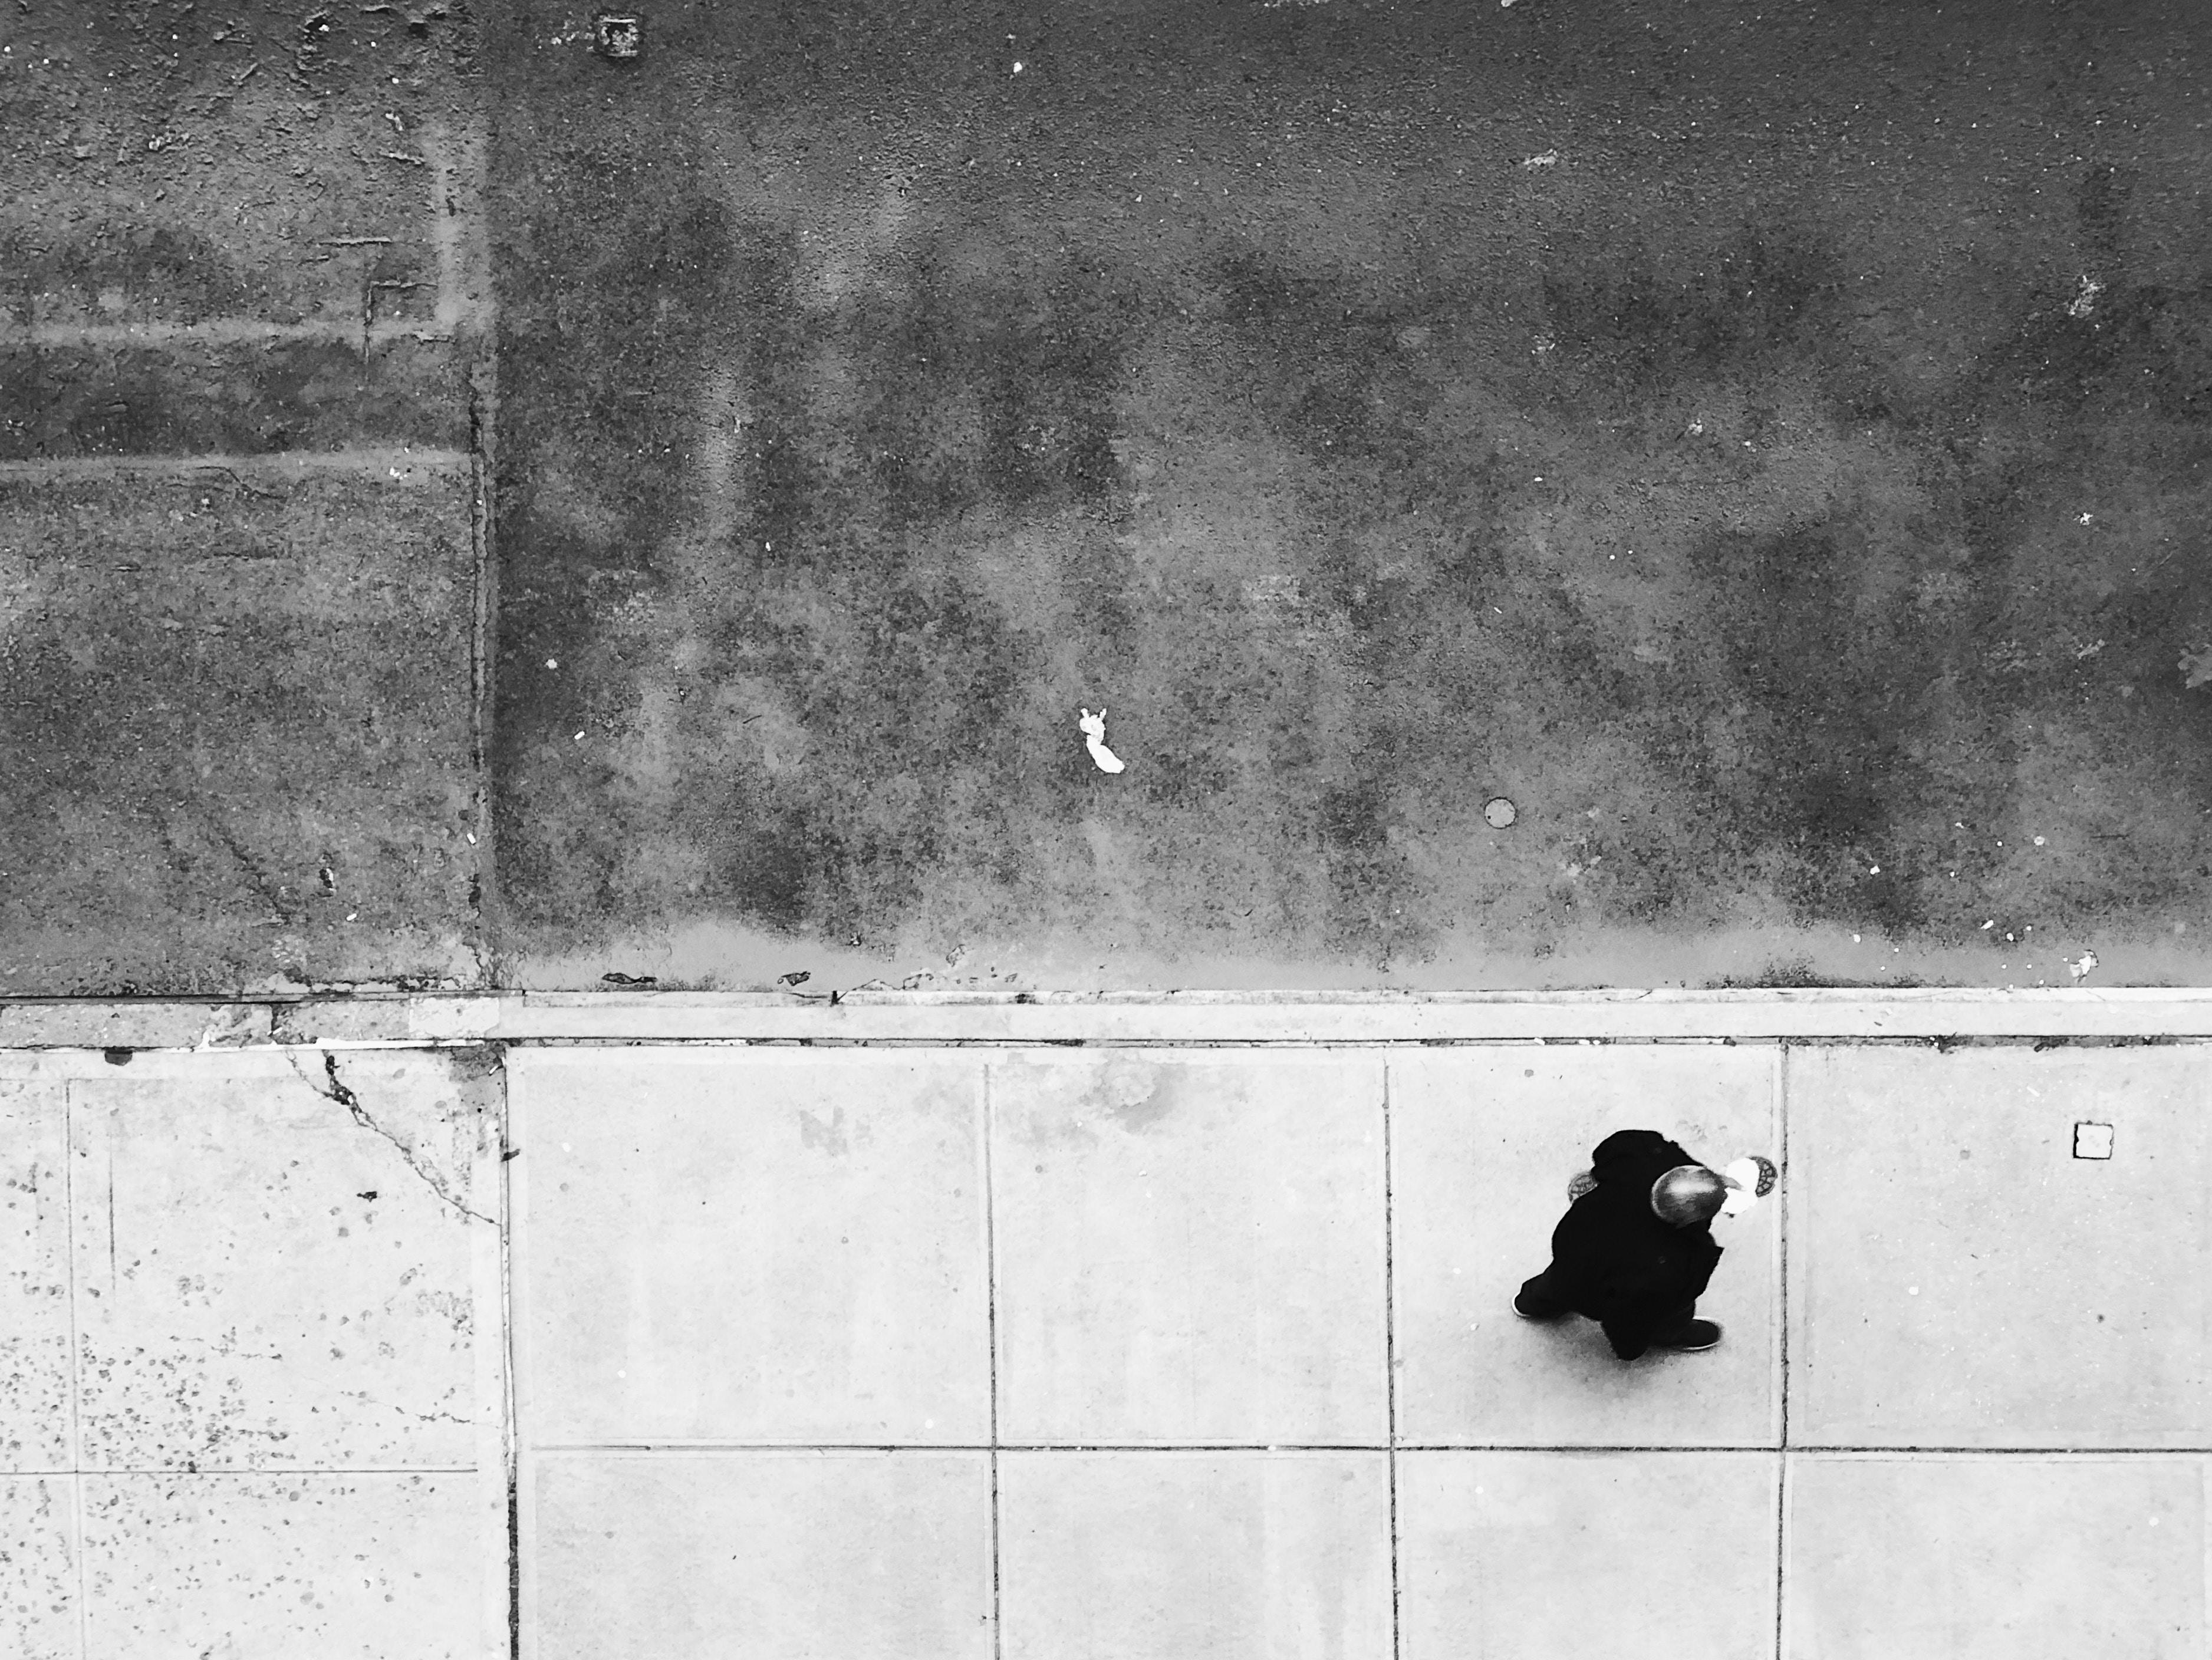 man walking on tiled pathway